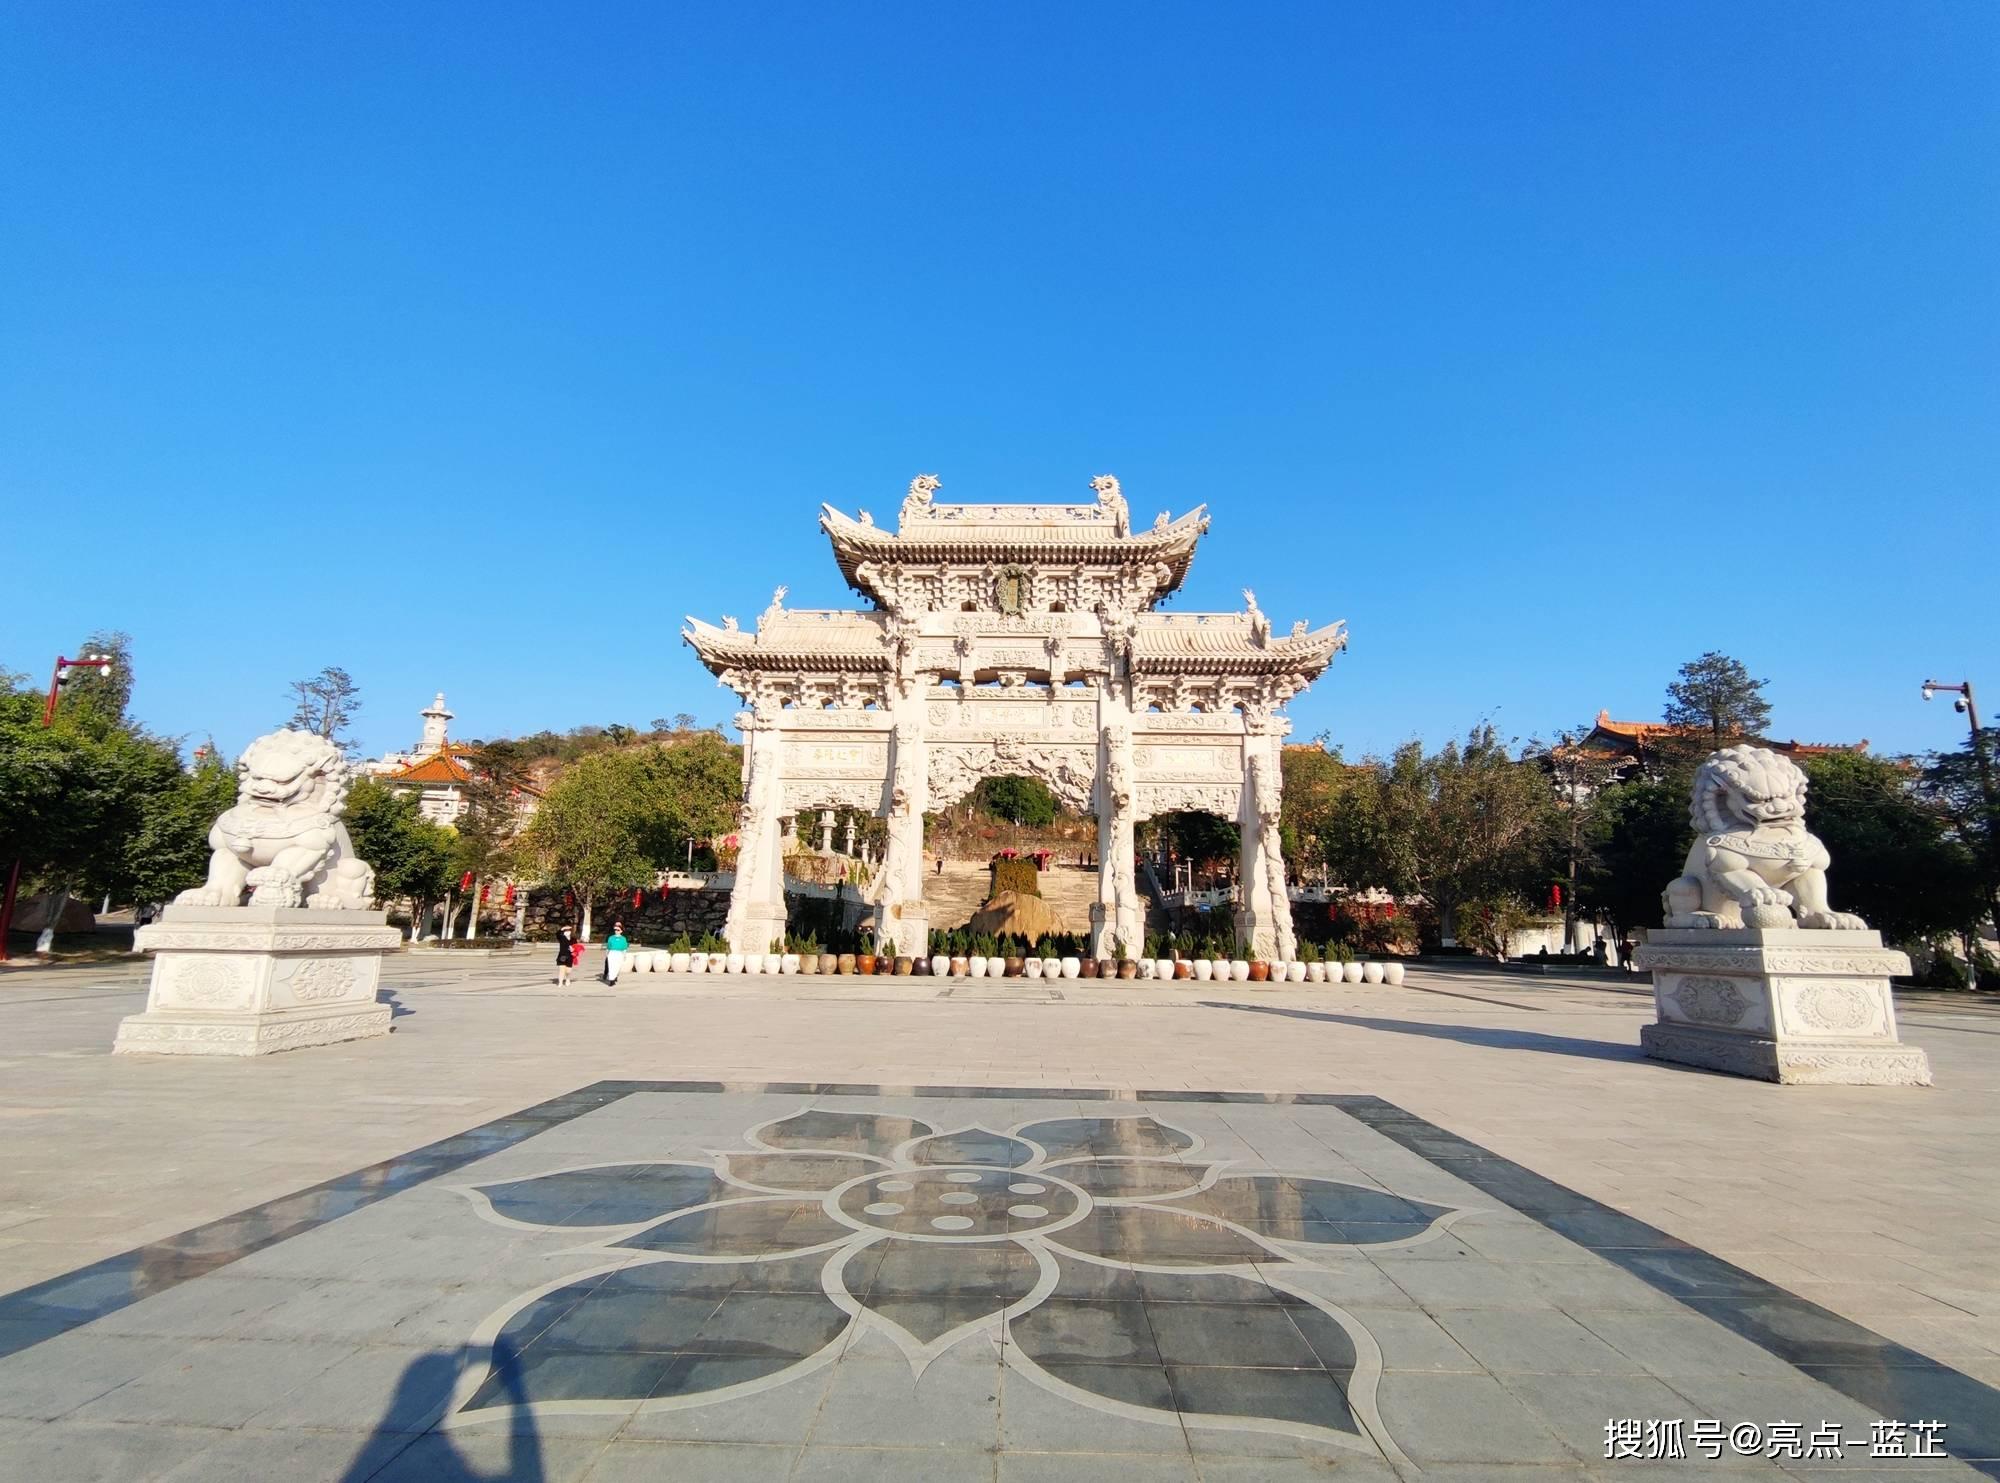 了不起的梅山寺,拥有两个国内之最——石质山门、缅甸白玉佛像  第1张